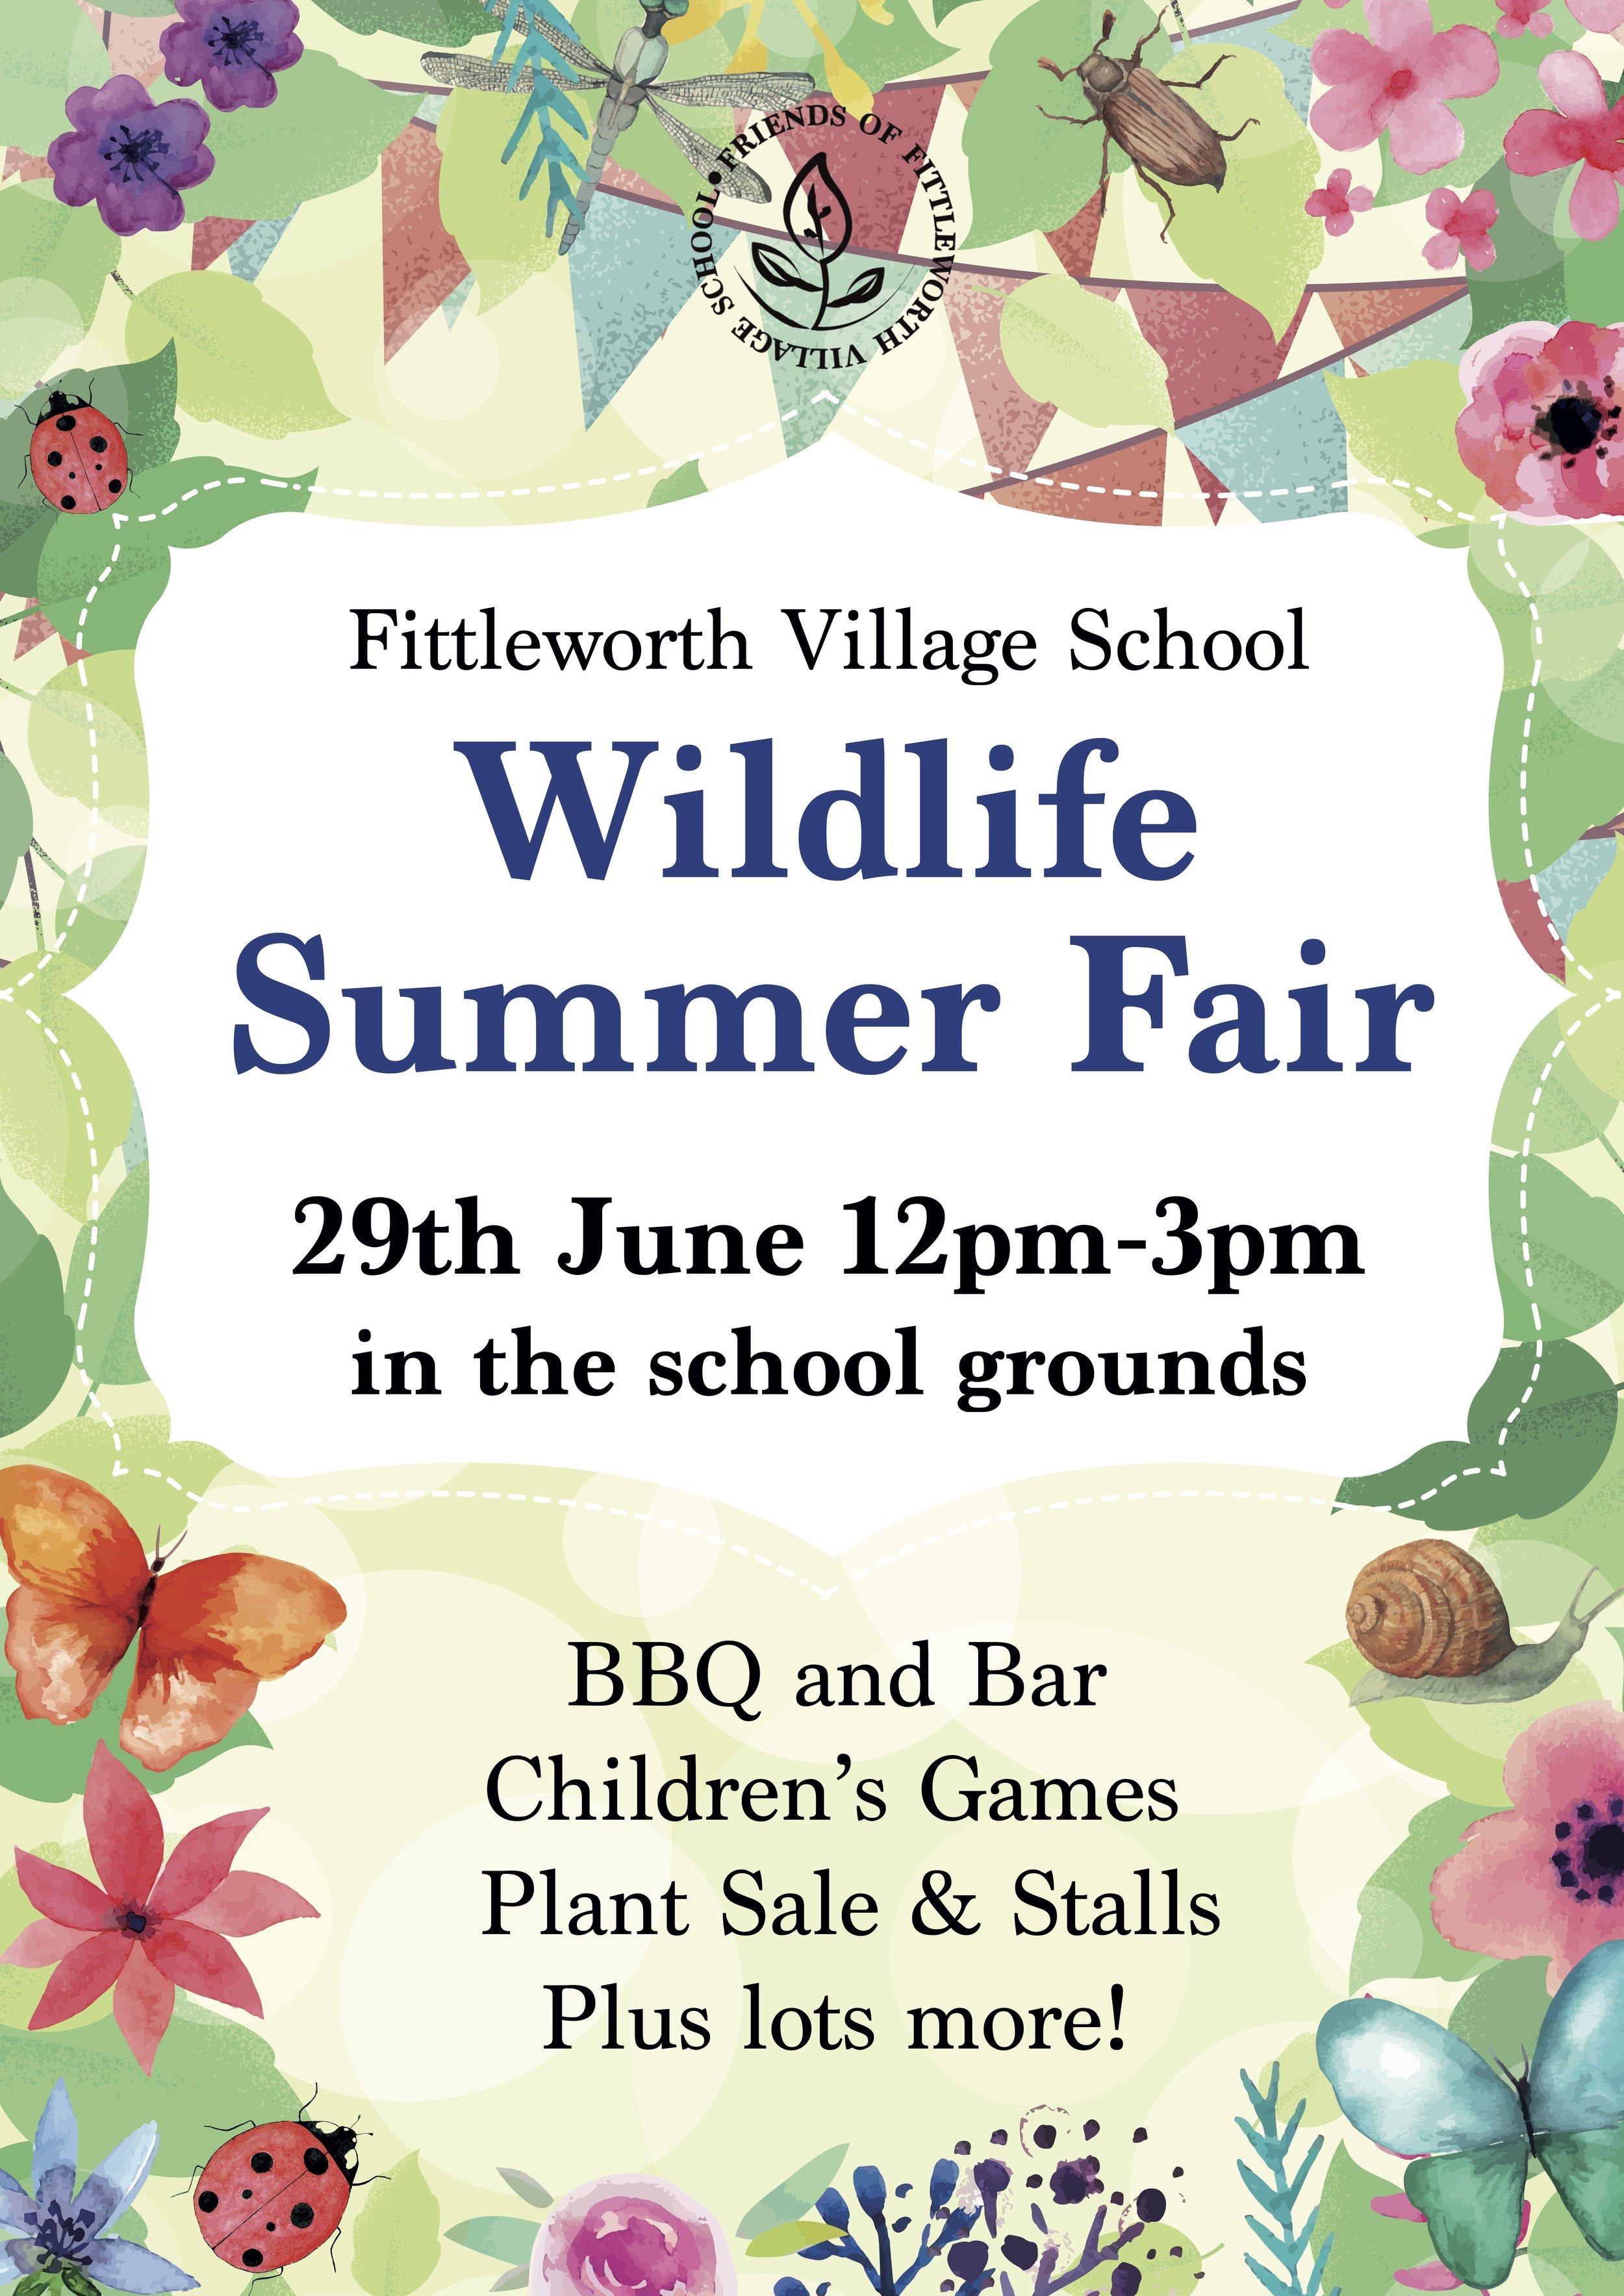 Fittleworth School Wildlife Summer Fair